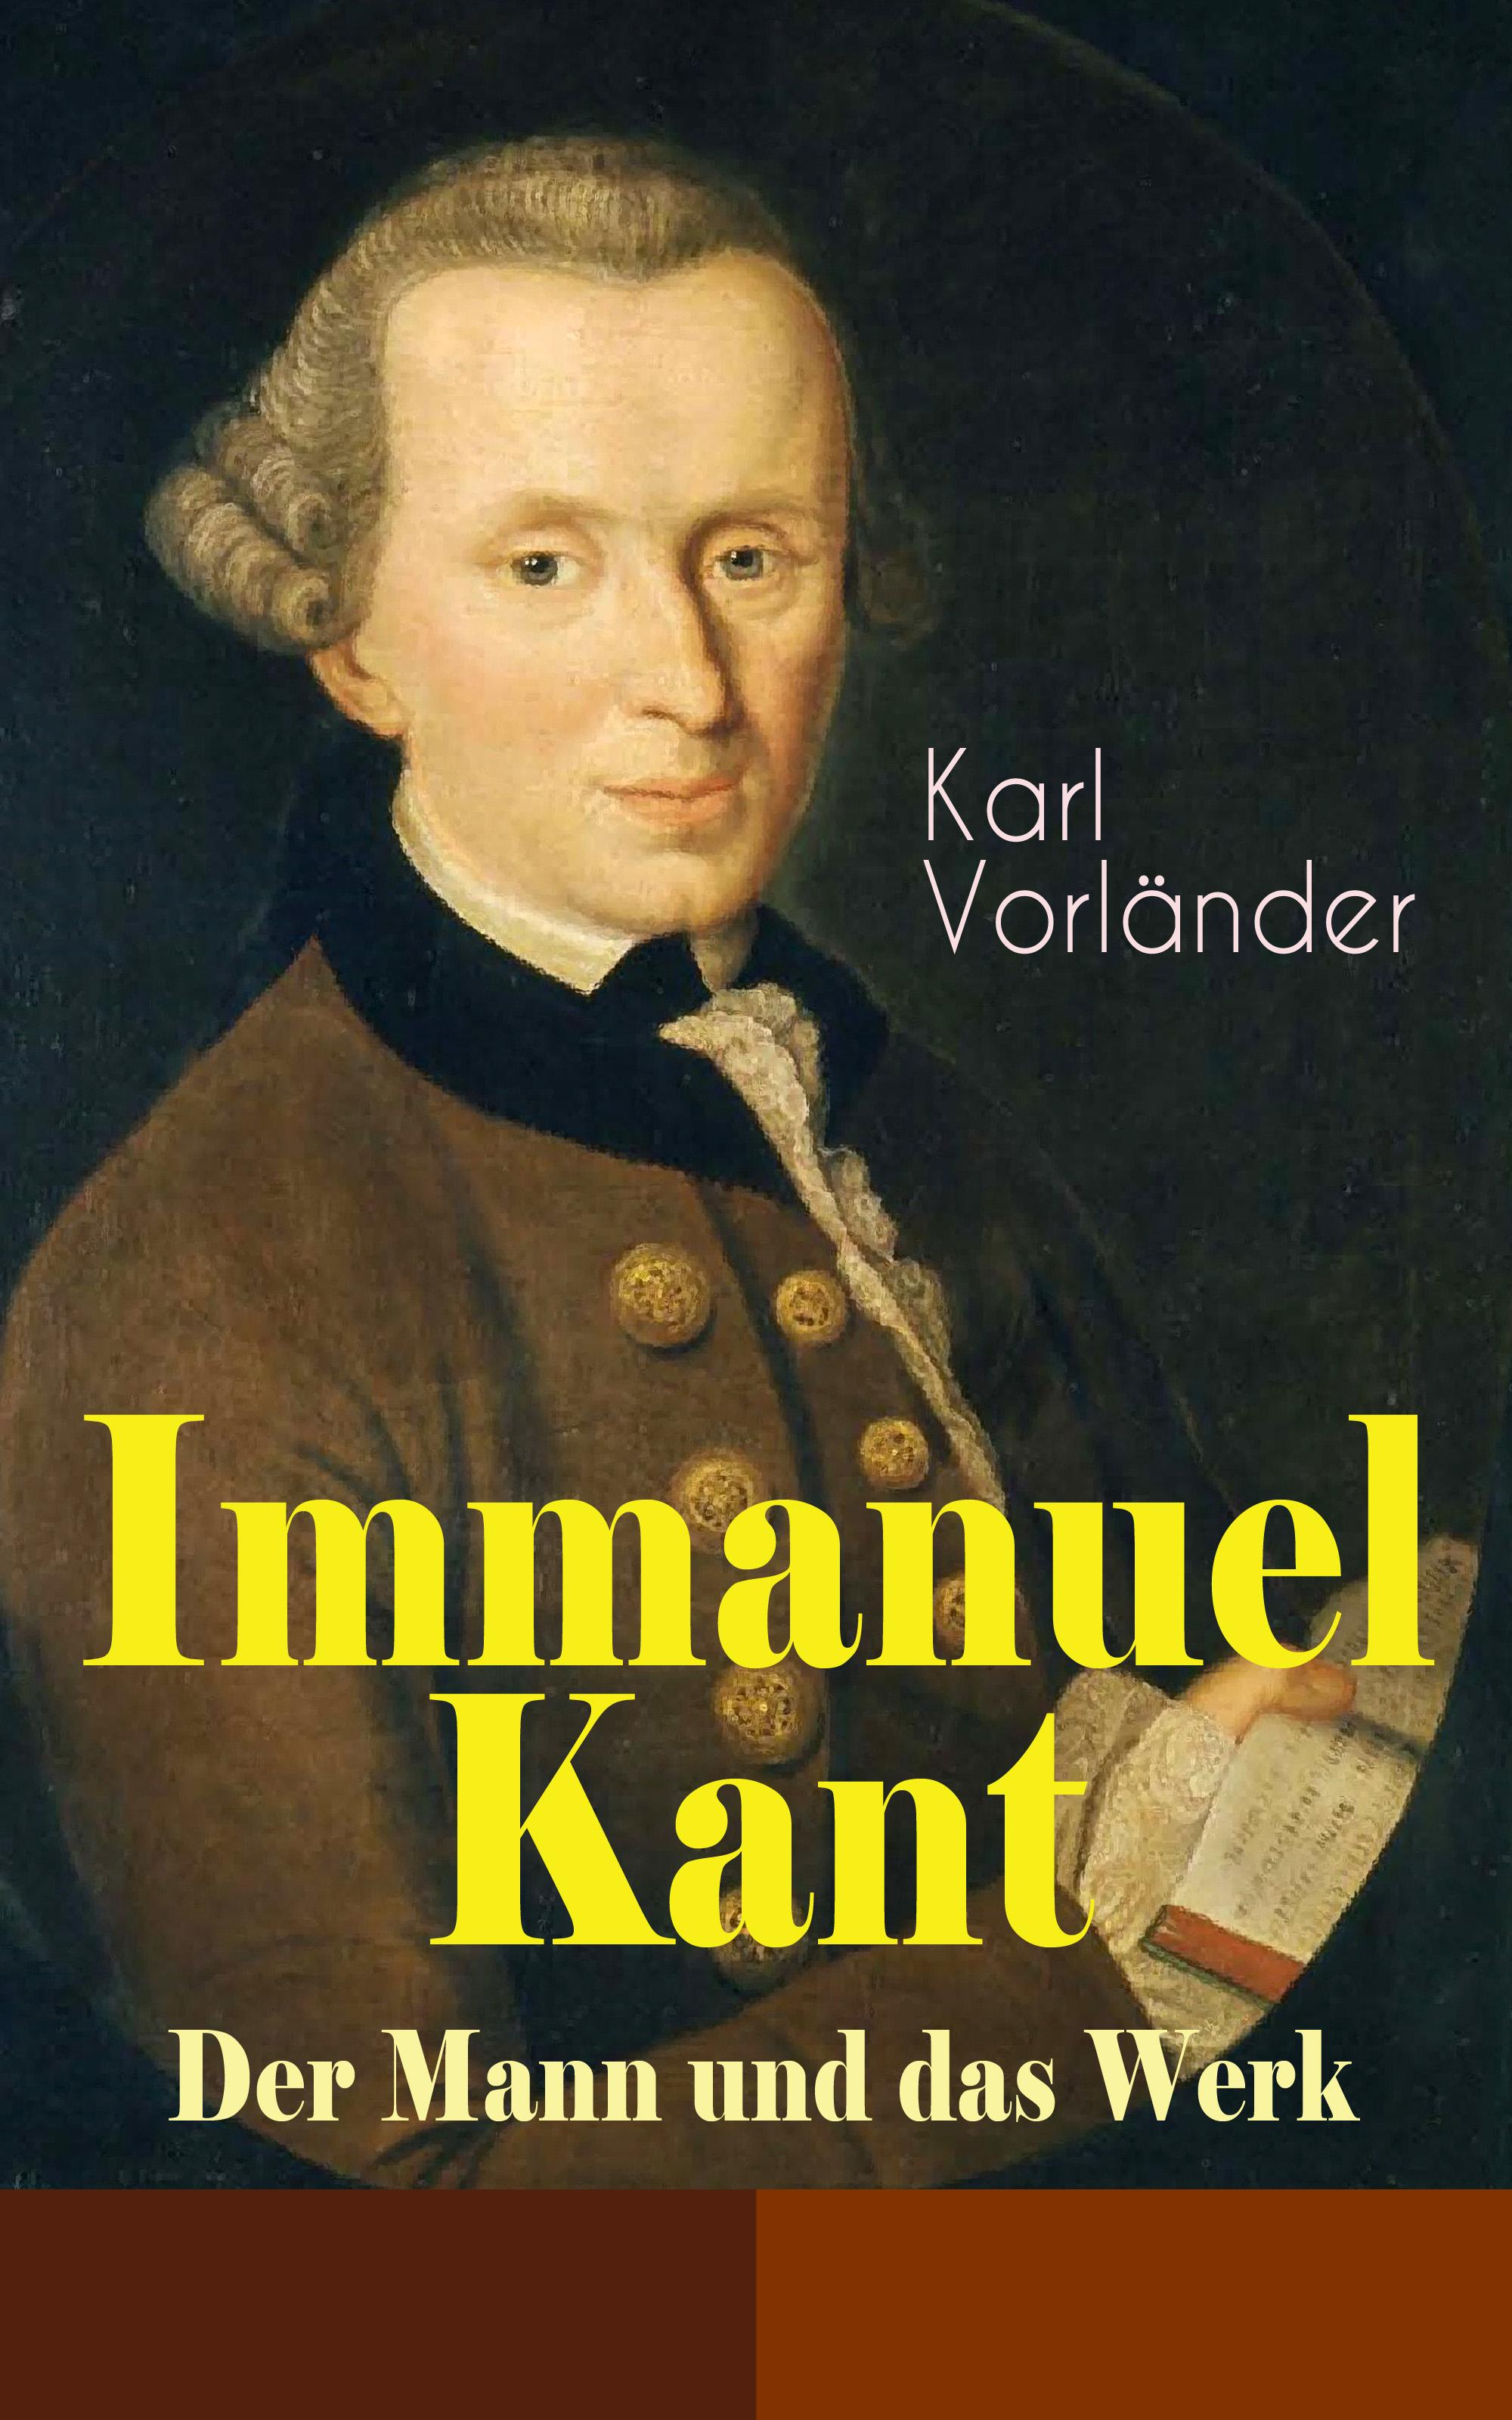 Karl Vorlander Immanuel Kant - Der Mann und das Werk